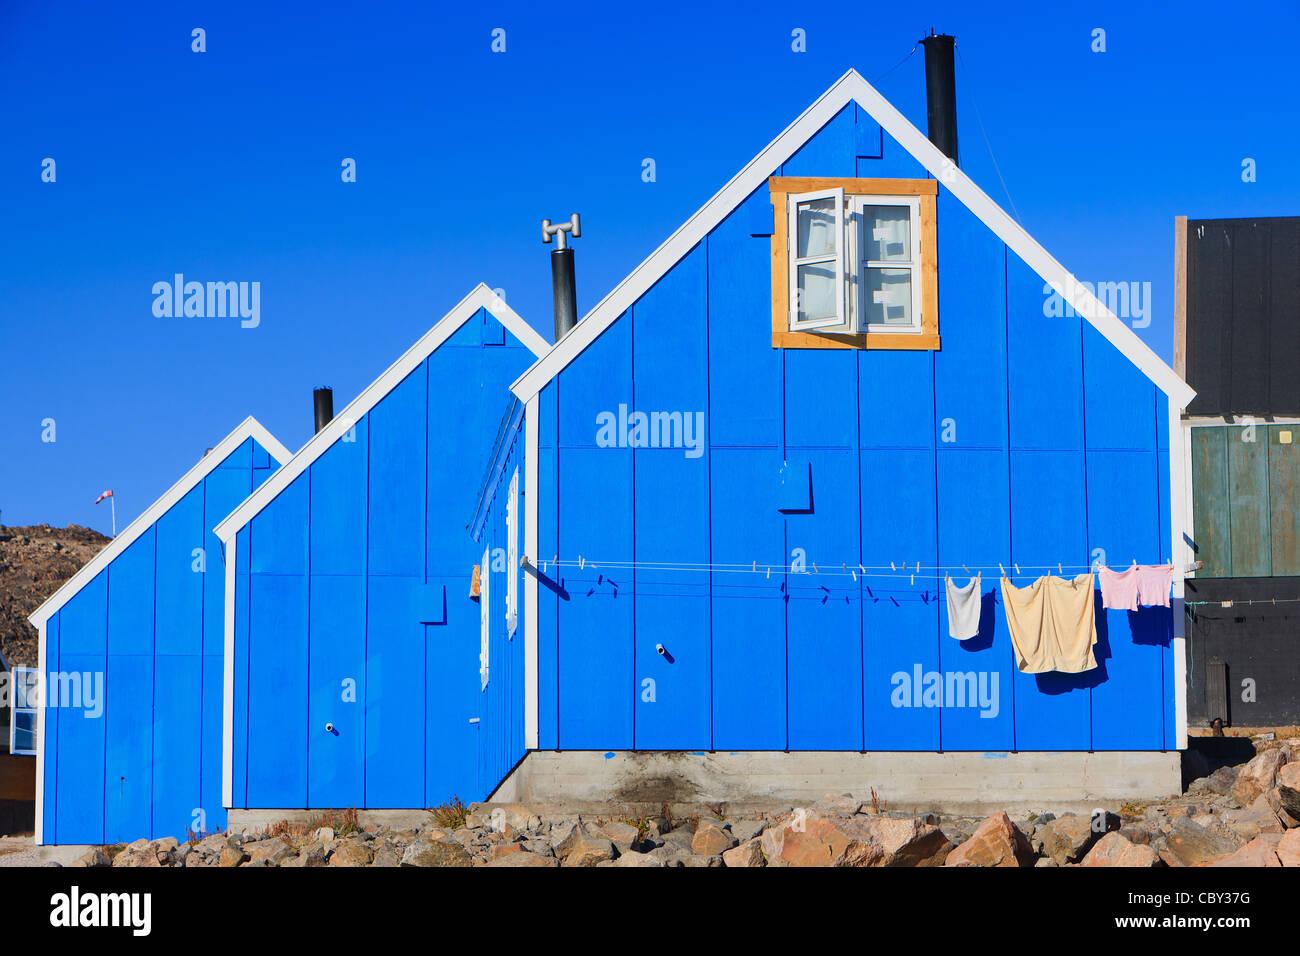 Villaggio di Ittoqqortoormiit, Scoresbysund, costa orientale Groenlandia Immagini Stock